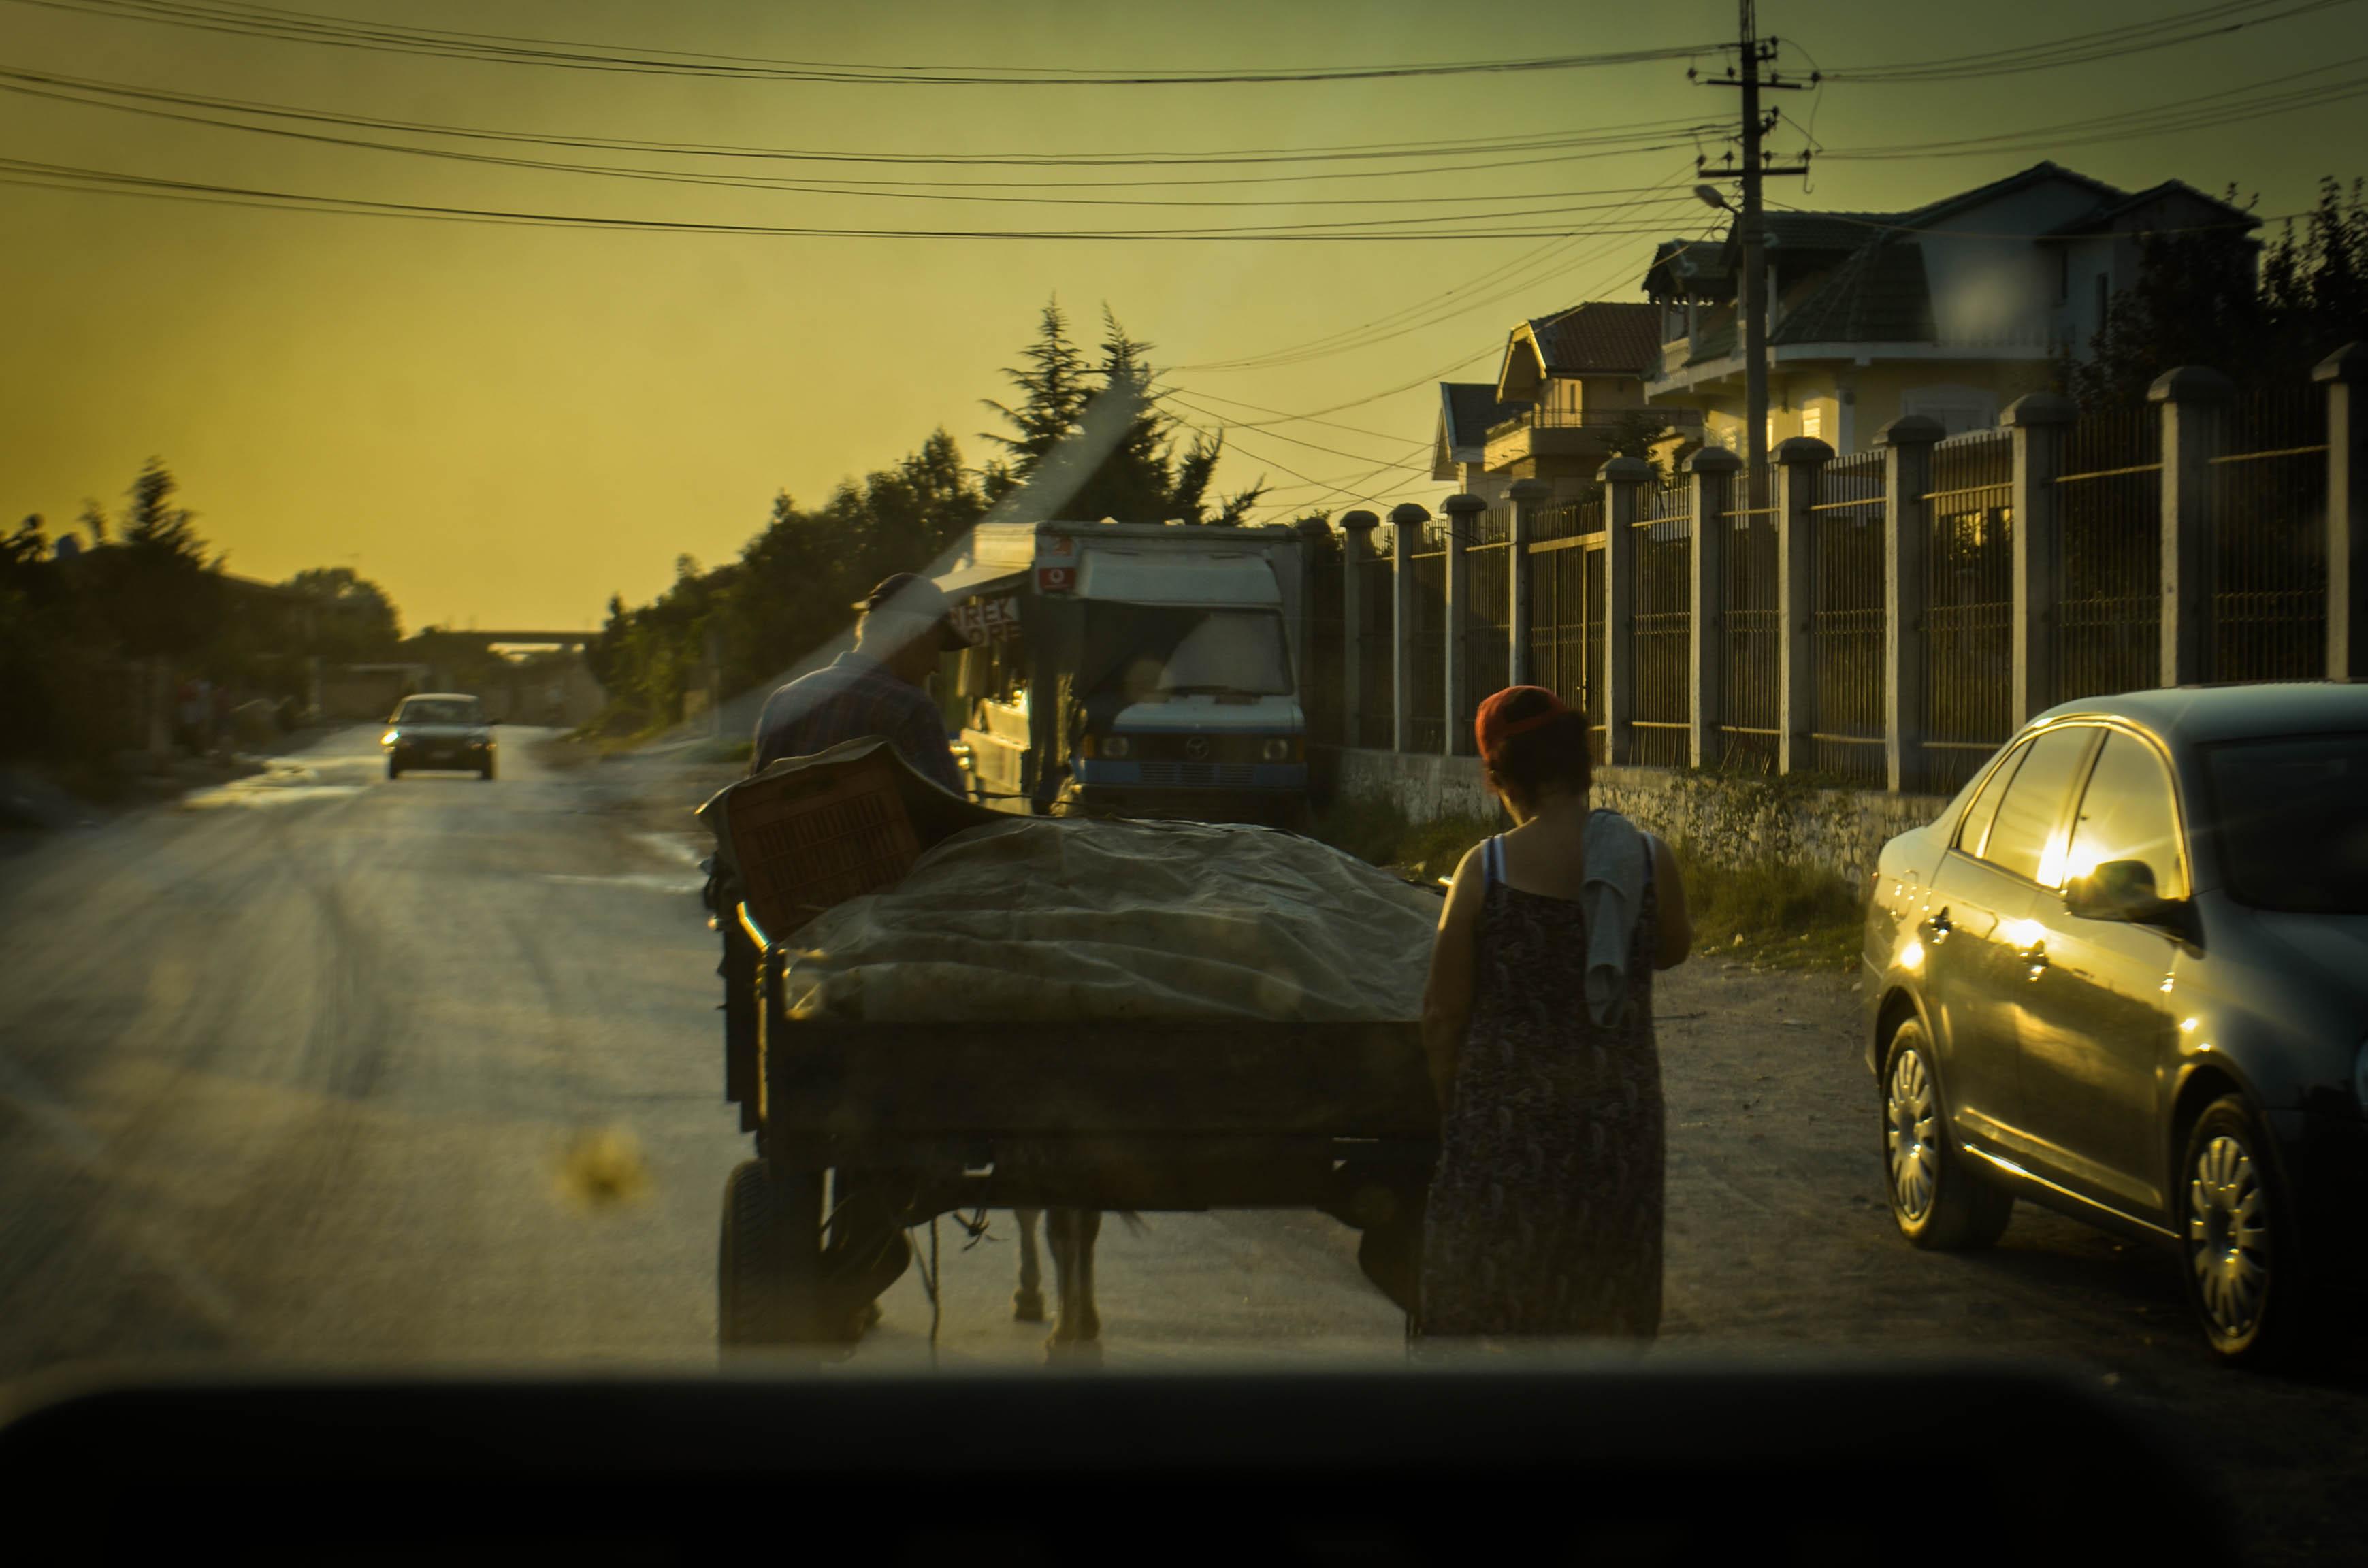 7-albanie-retour-dans-les-annees-40